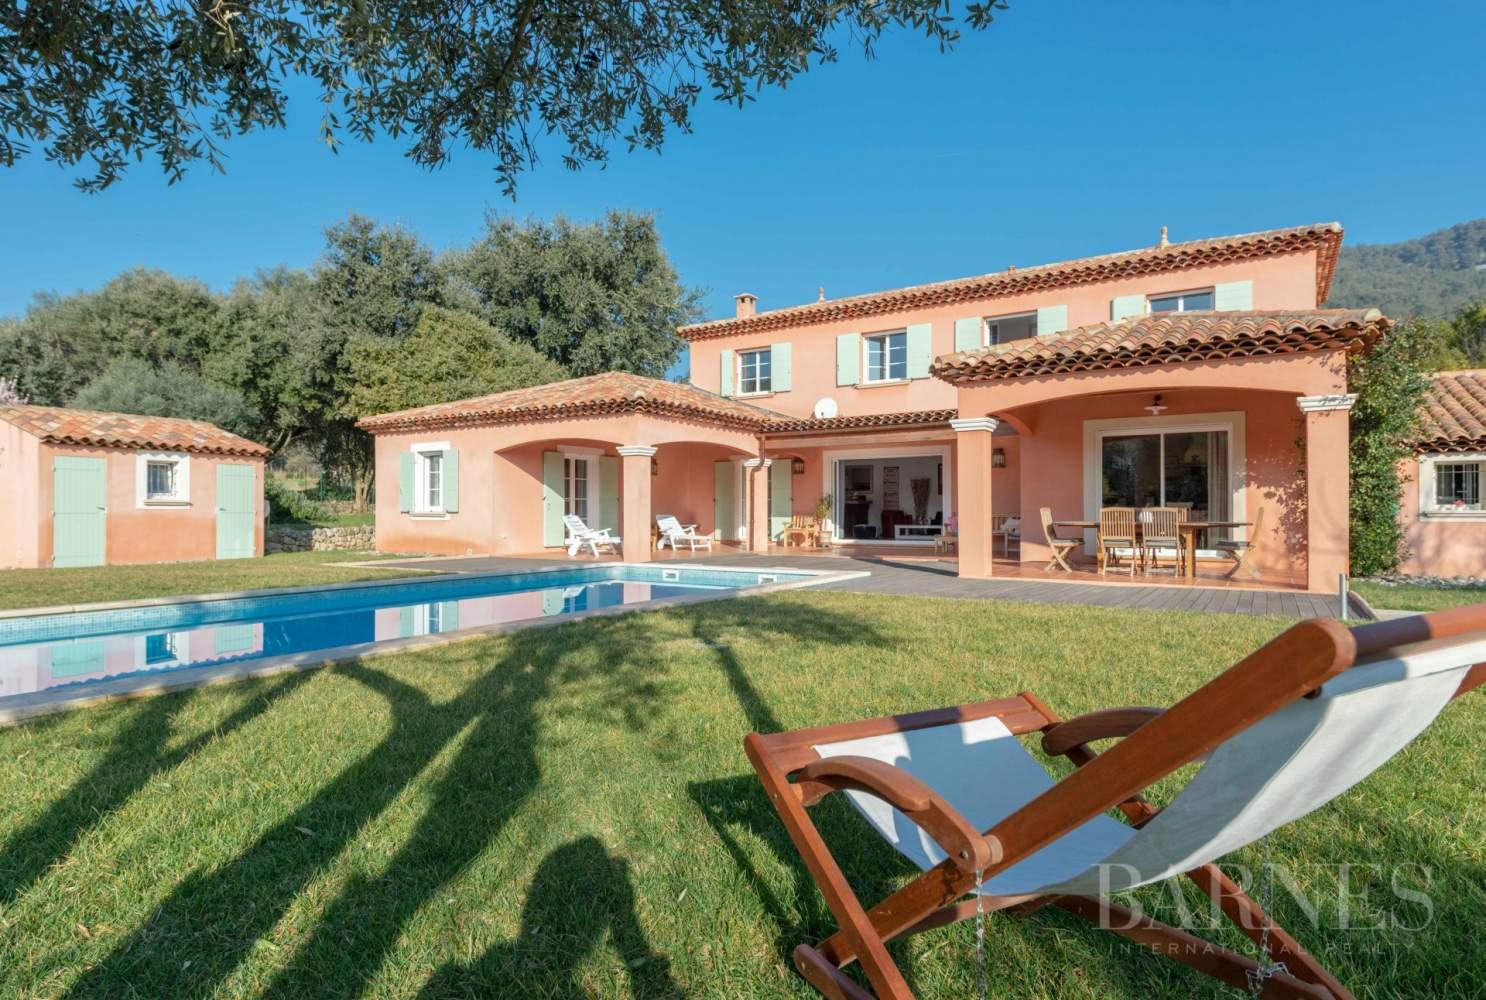 Sanary - Secteur du Lançon - villa 200m² - piscine - terrain 2197 m² picture 2